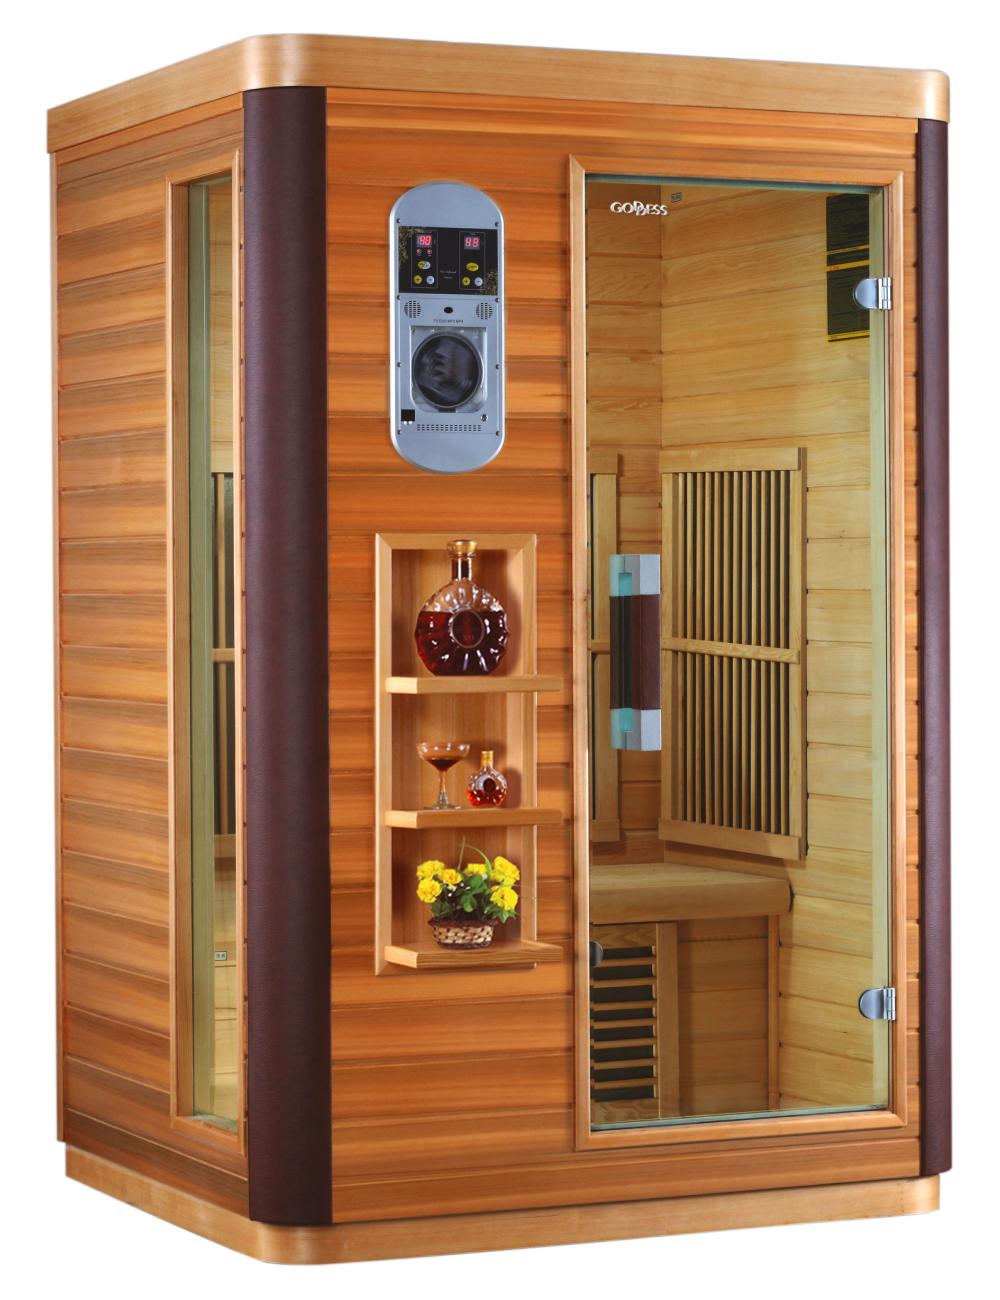 Domácí infrasauna Goddess LANZAROTE vyrobená z cedru a v luxusním provedení je určená pro dvě osoby....